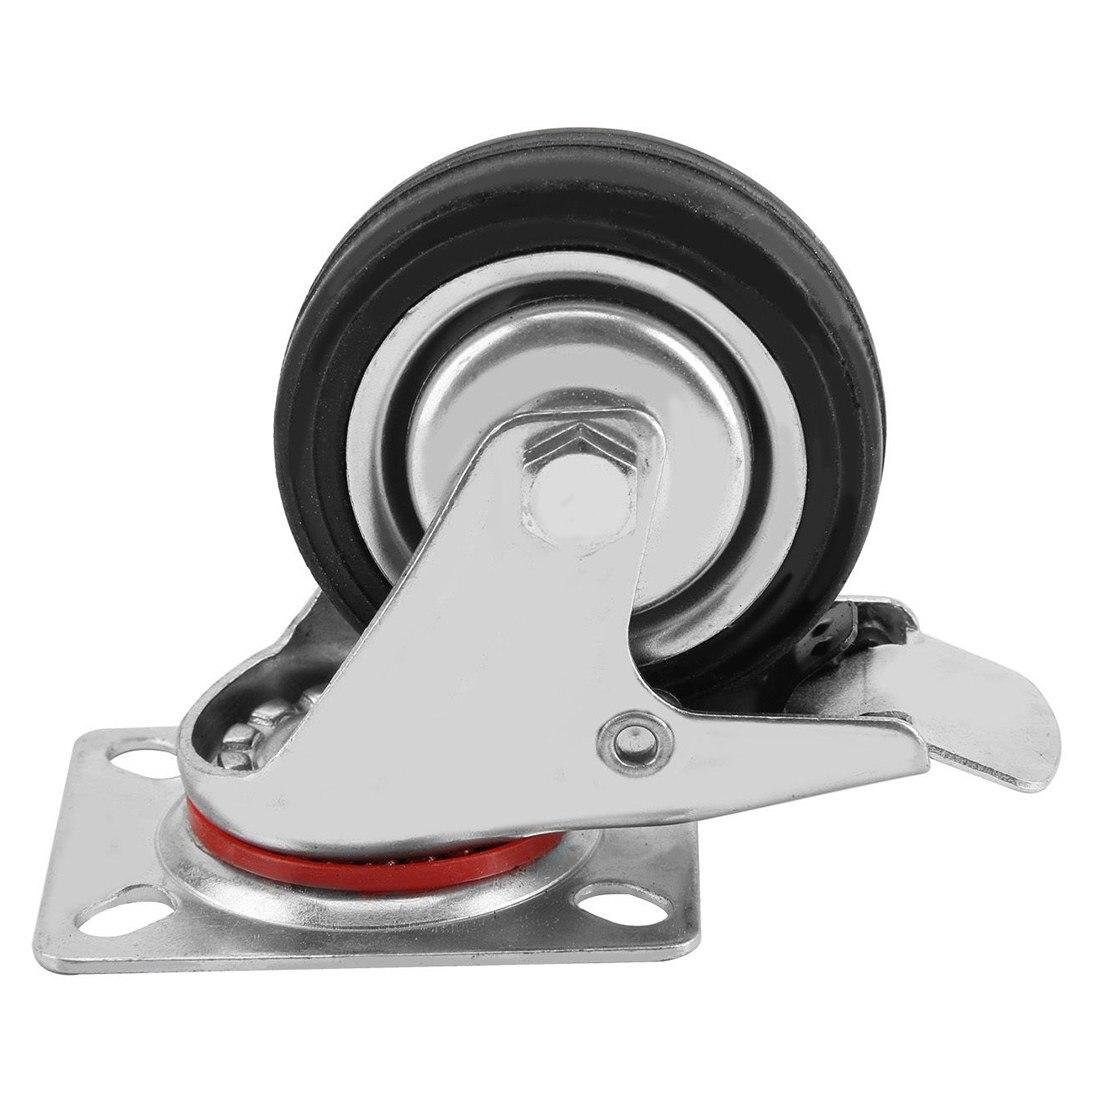 4x75mm nouvelle roulette pivotante en caoutchouc robuste roues roulette de meubles de chariot de frein4x75mm nouvelle roulette pivotante en caoutchouc robuste roues roulette de meubles de chariot de frein